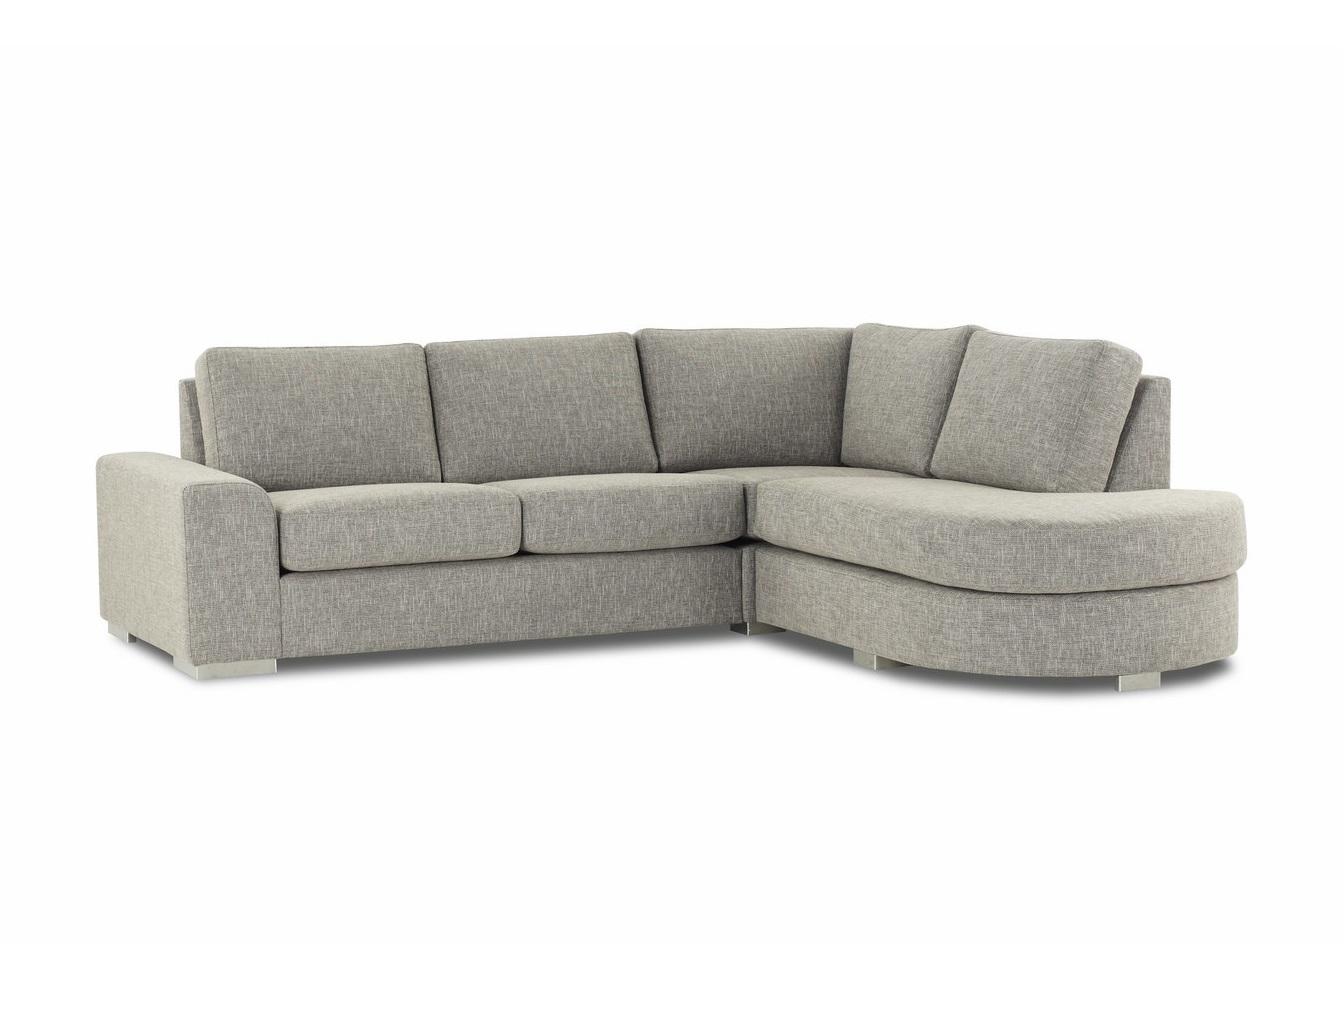 Диван ОслоУгловые диваны<br>Современный диван, который будет радовать и Вас, и большую дружную кампанию. Состоит из разнообразных модулей, что позволит собрать Ваш неповторимый диван из базовых элементов. Не разбирается. Угол можно выбрать самому -левый или правый (угол определяется сидя на диване).&amp;amp;nbsp;&amp;lt;div&amp;gt;&amp;lt;br&amp;gt;&amp;lt;/div&amp;gt;&amp;lt;div&amp;gt;Каркас (комбинации дерева, фанеры и ЛДСП). Для сидячих подушек используют пену различной плотности, а также перо и силиконовое волокно. Для задних подушек есть пять видов наполнения: пена, измельченная пена, пена высокой эластичности, силиконовые волокно.&amp;amp;nbsp;&amp;lt;/div&amp;gt;<br><br>Material: Текстиль<br>Ширина см: 210.0<br>Высота см: 86.0<br>Глубина см: 184.0